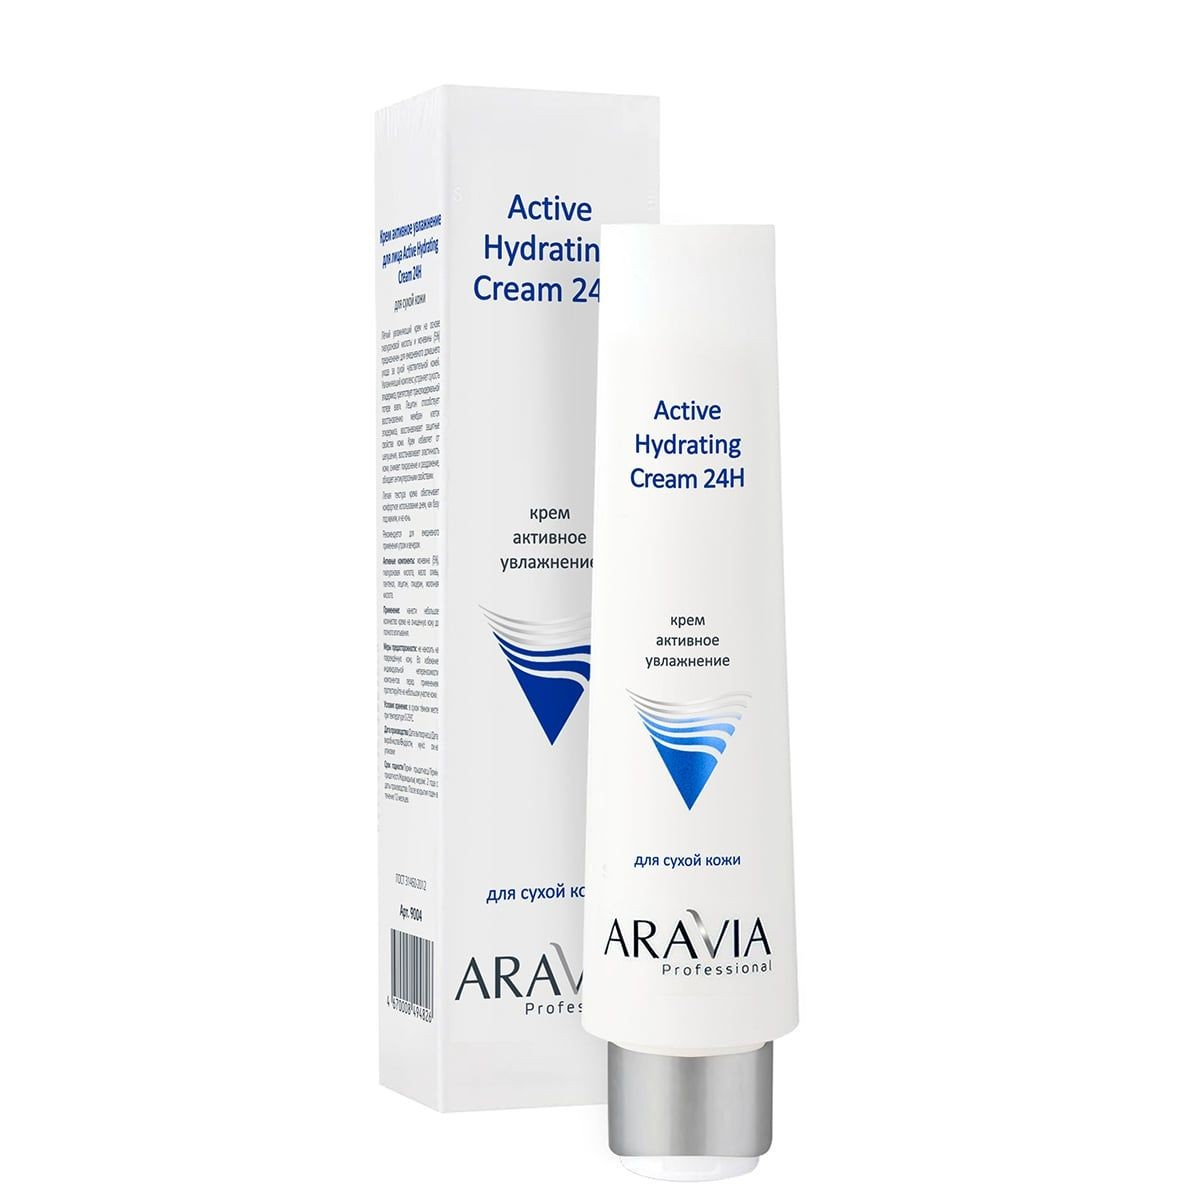 Крем для лица активное увлажнение Active Hydrating Cream 24H, 100 мл.